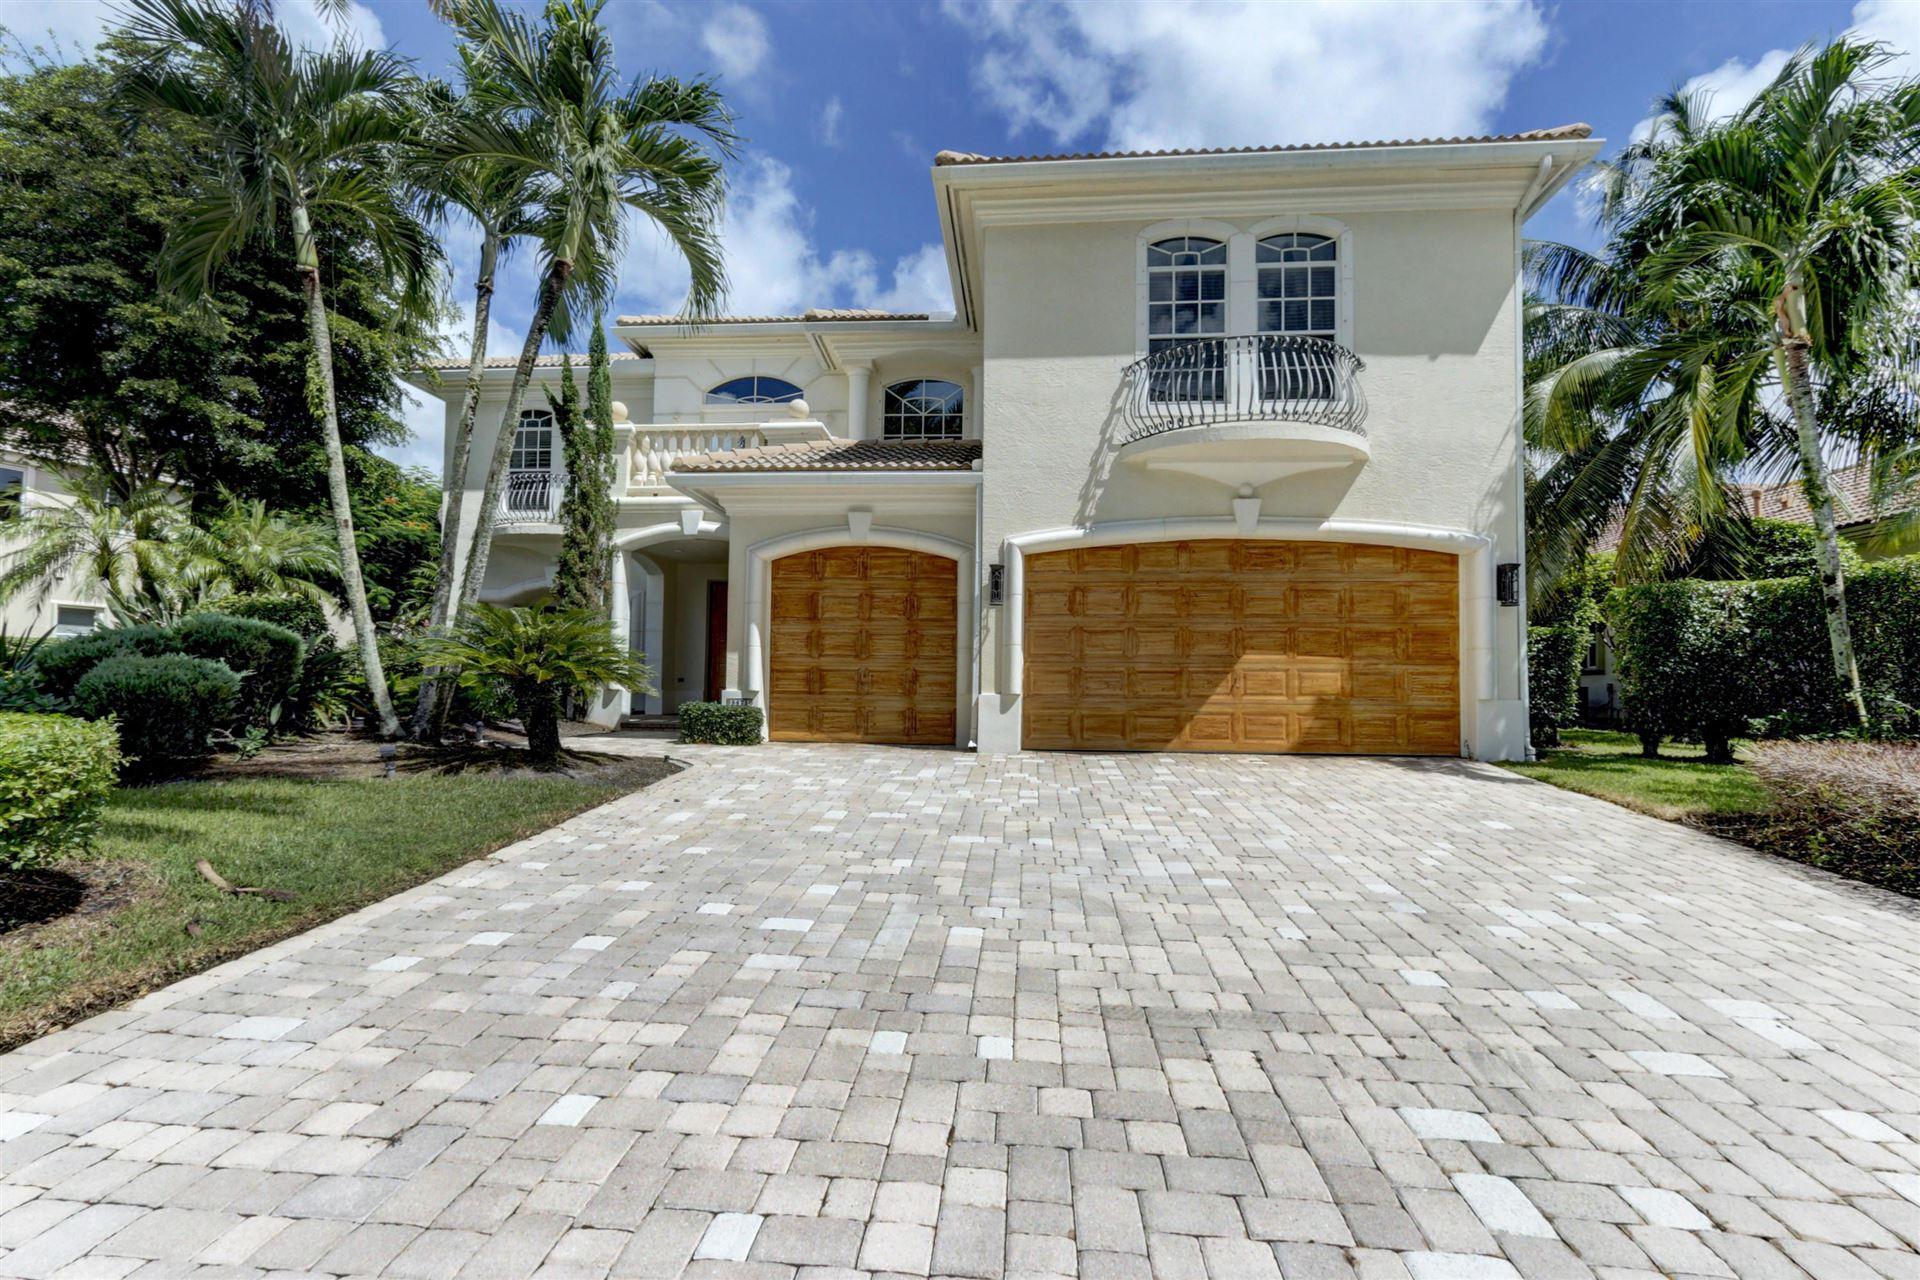 8471 Egret Lakes Lane, West Palm Beach, FL 33412 - MLS#: RX-10654631